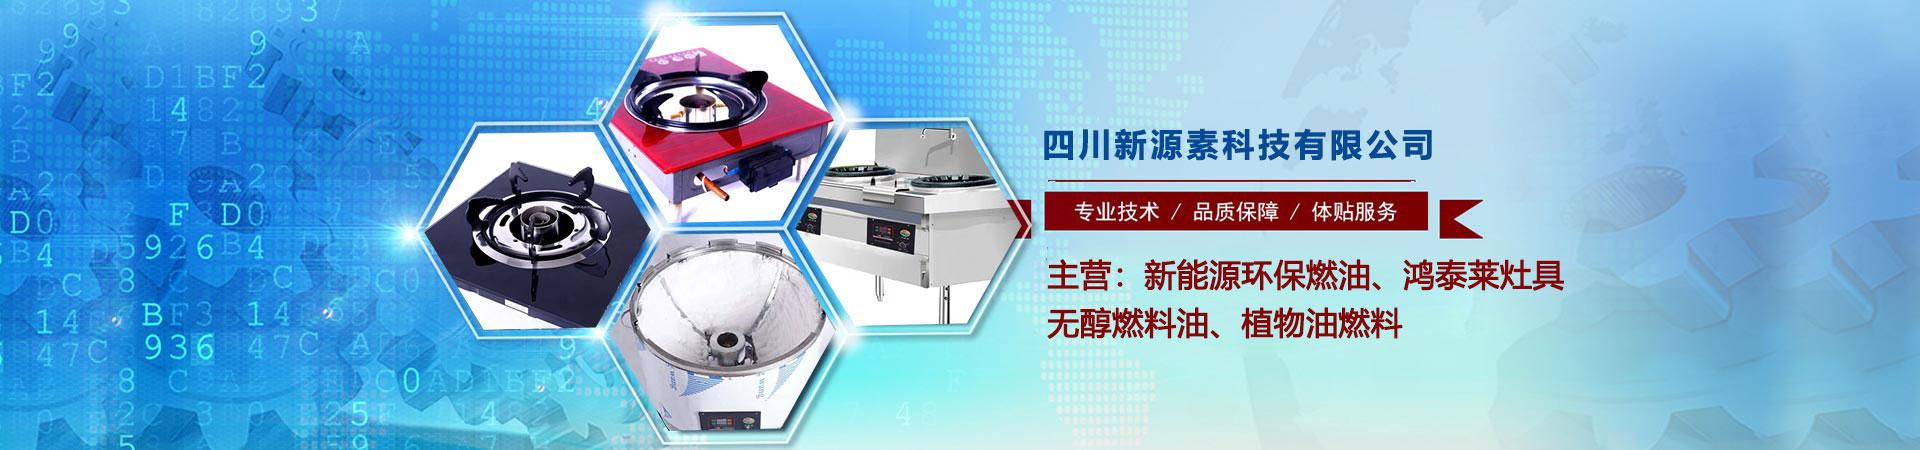 四川神源新能源科技有限公司